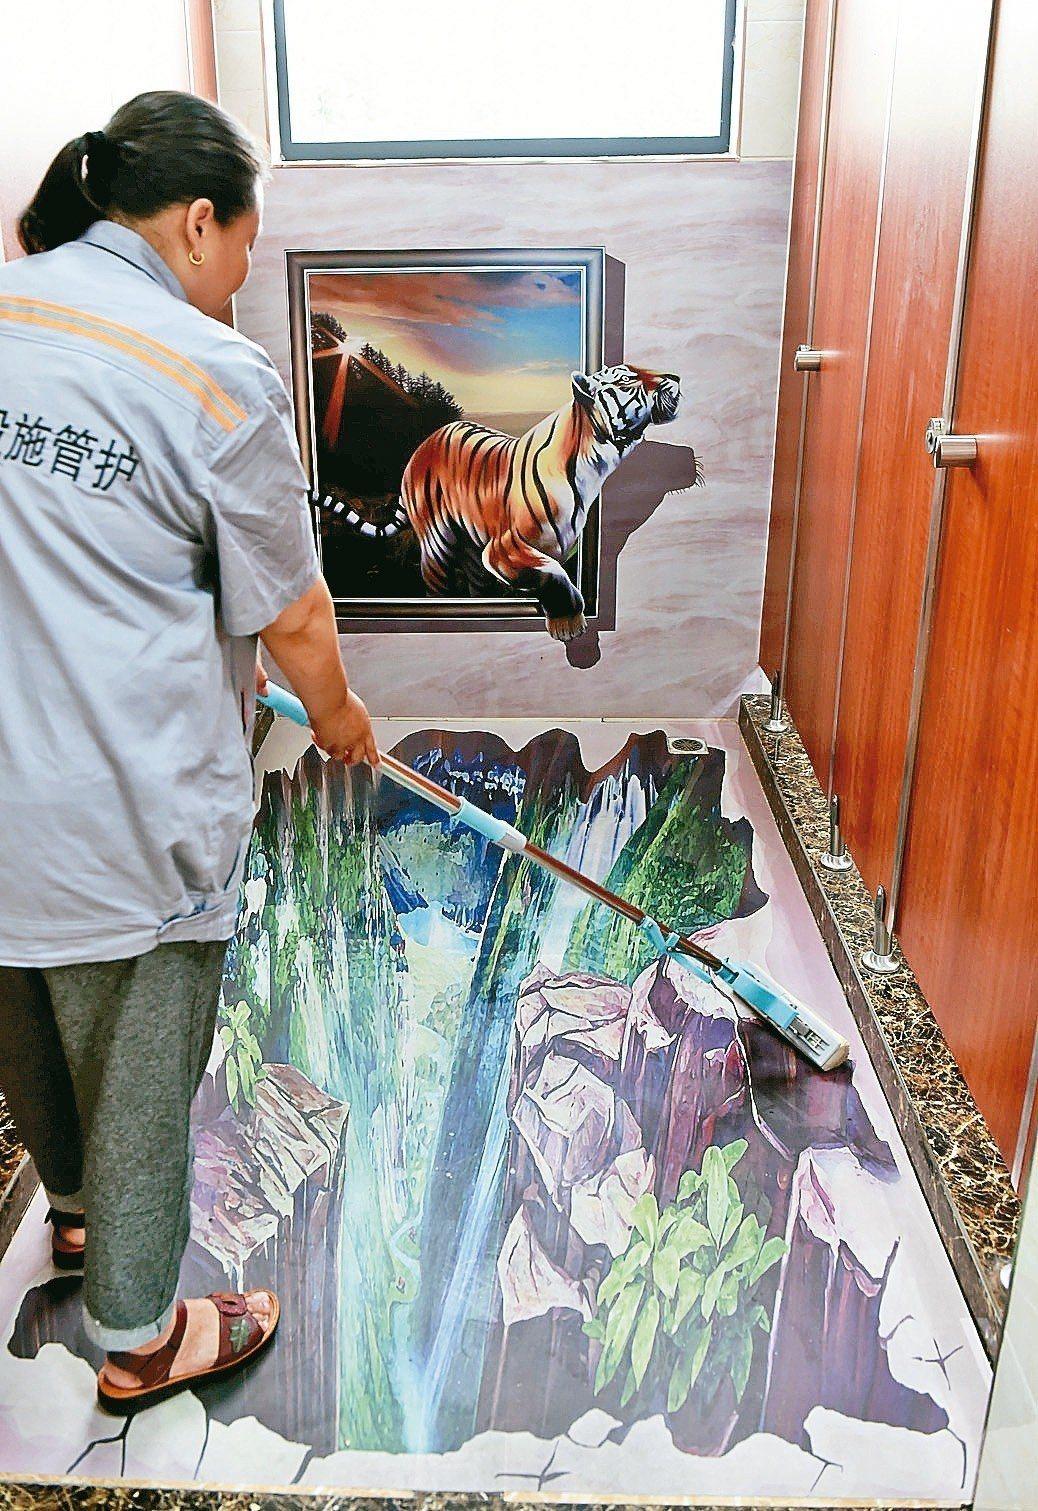 重慶3D藝術公廁 增添趣味性